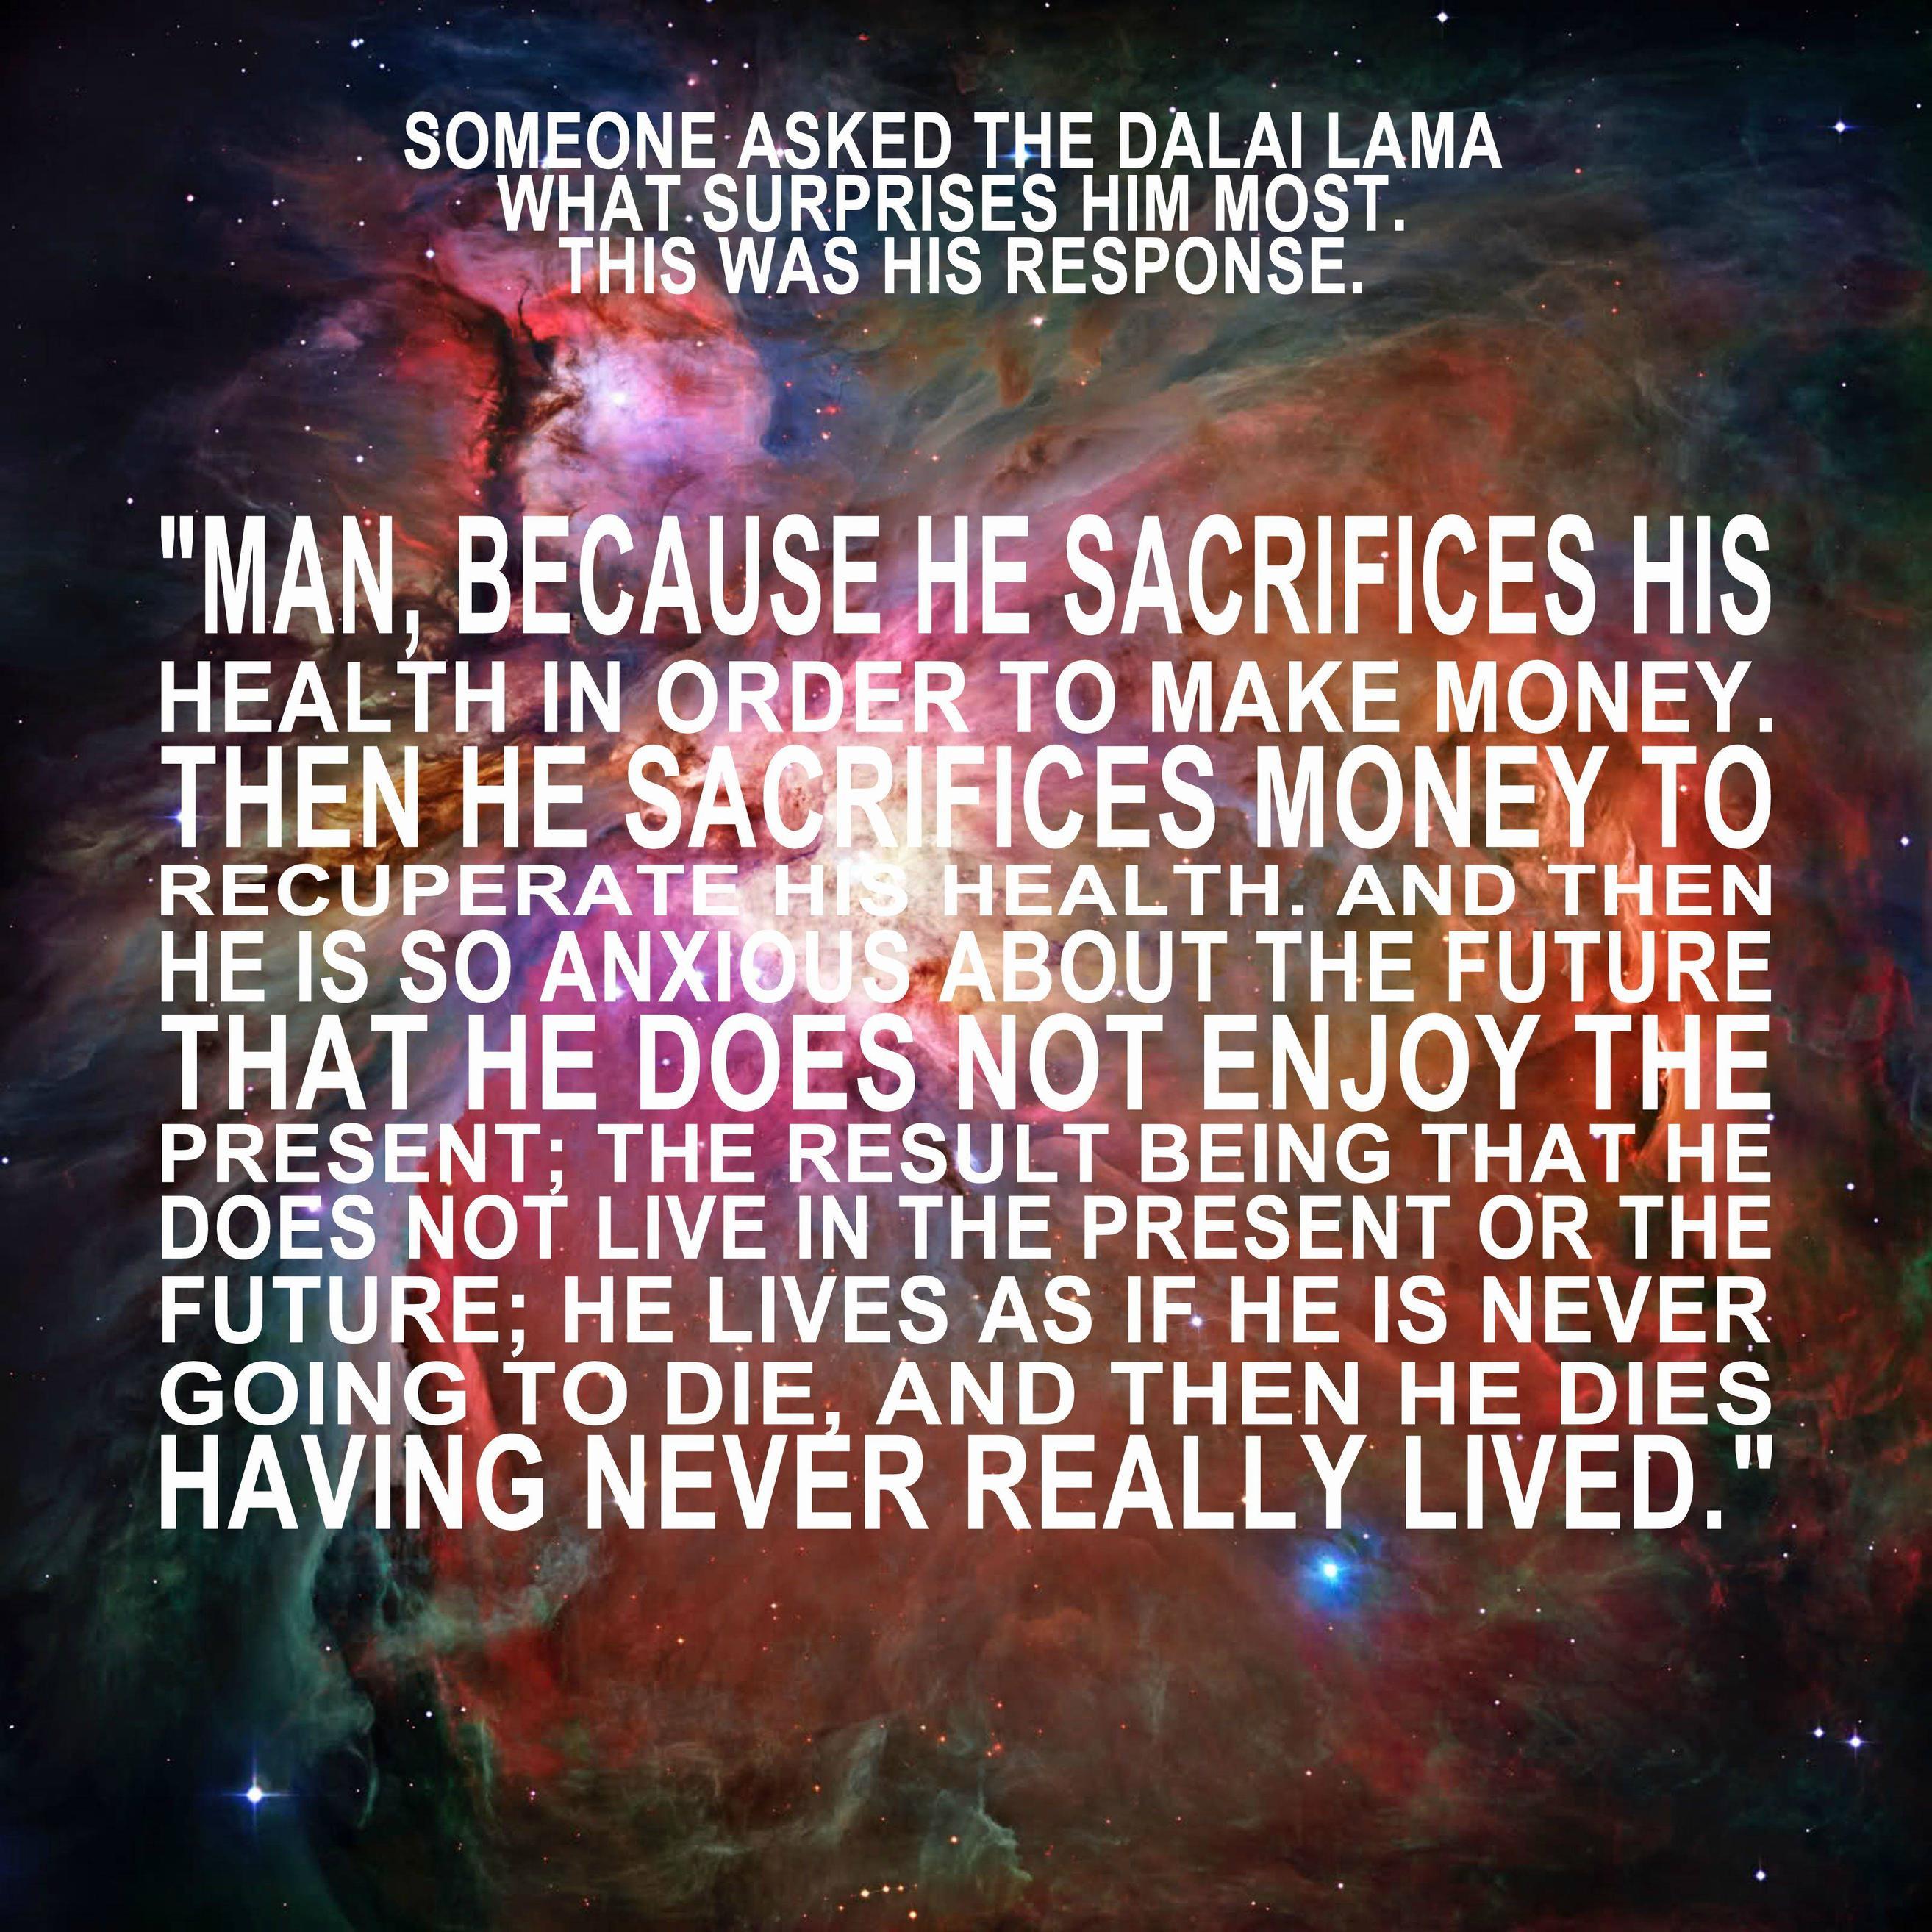 dalailamacitat